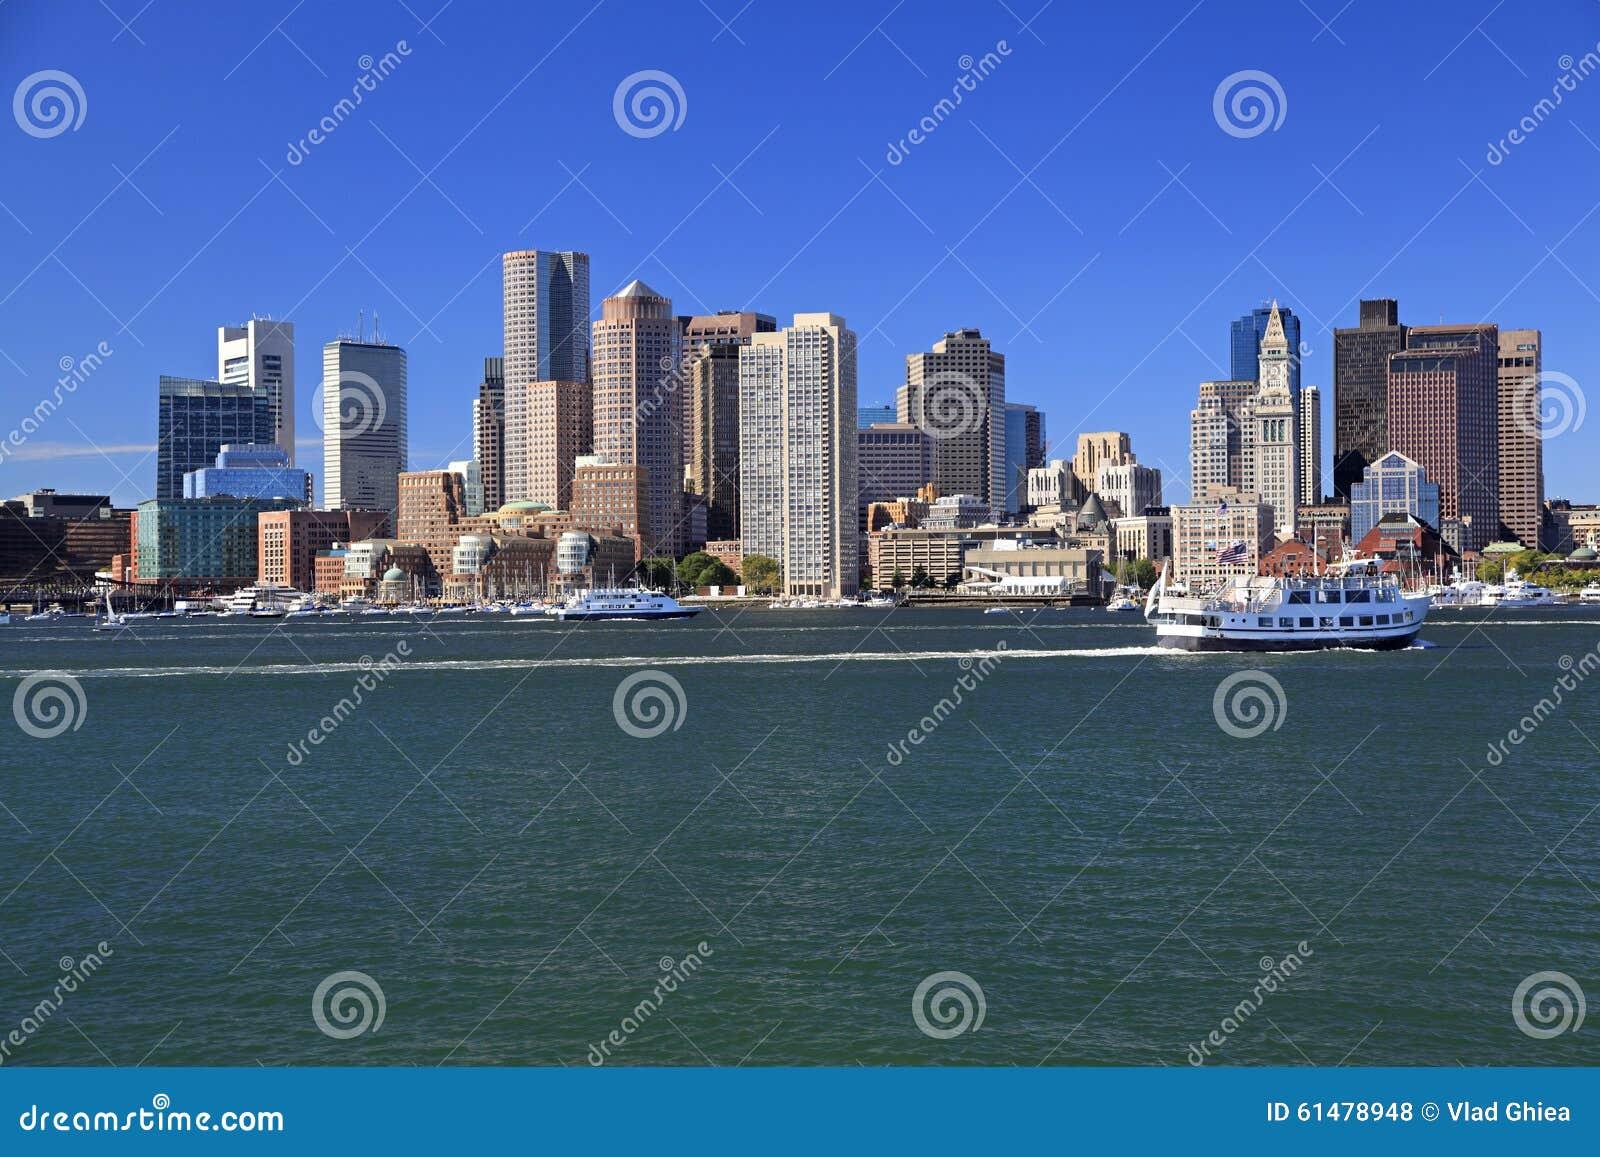 Ορίζοντας της Βοστώνης, ΗΠΑ